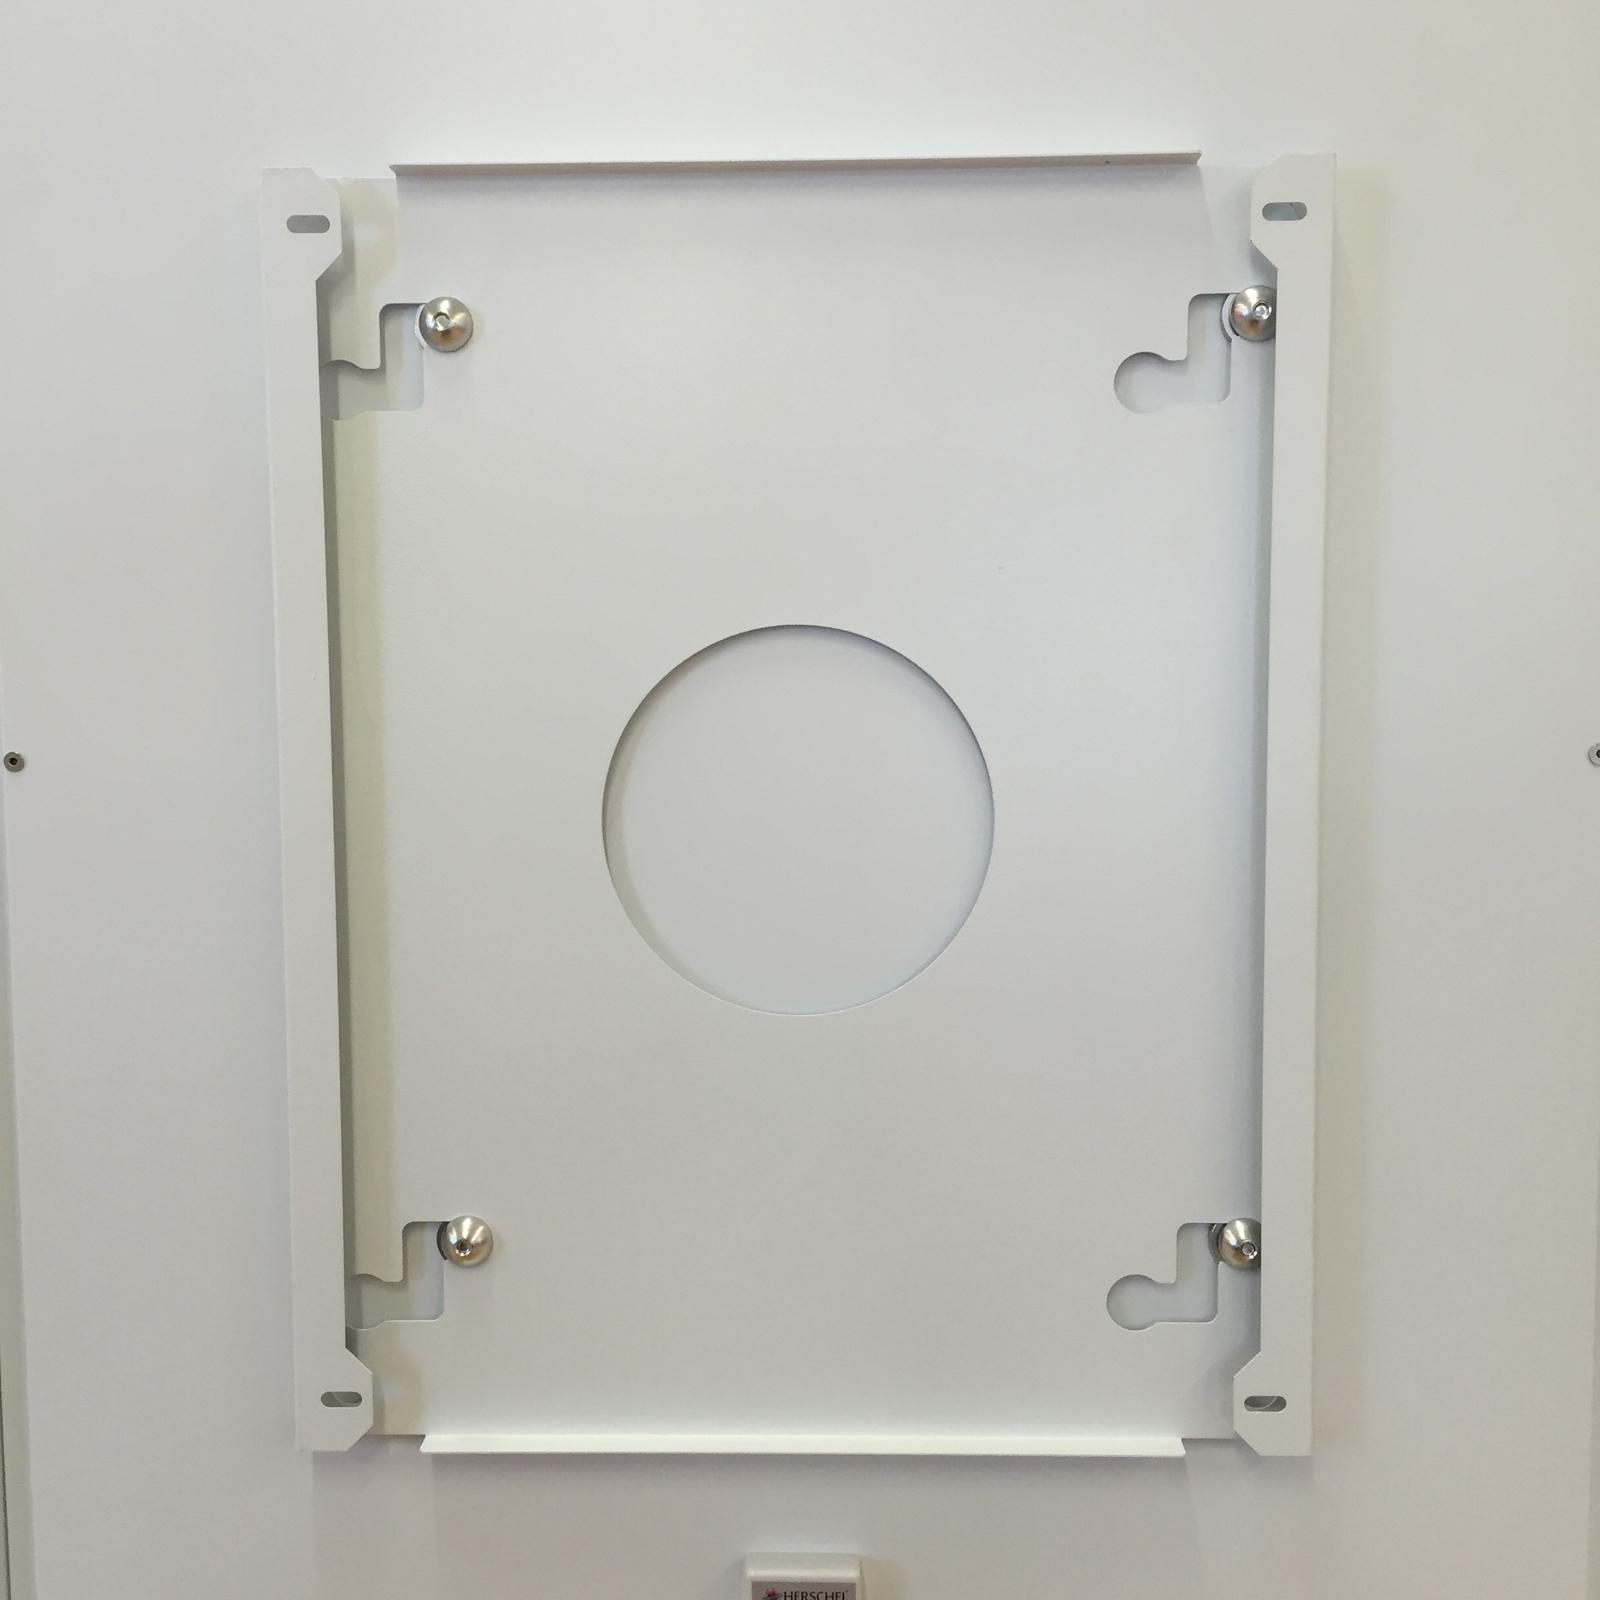 Herschel Select Xl 700x1300mm 700w Black Glass Frameless